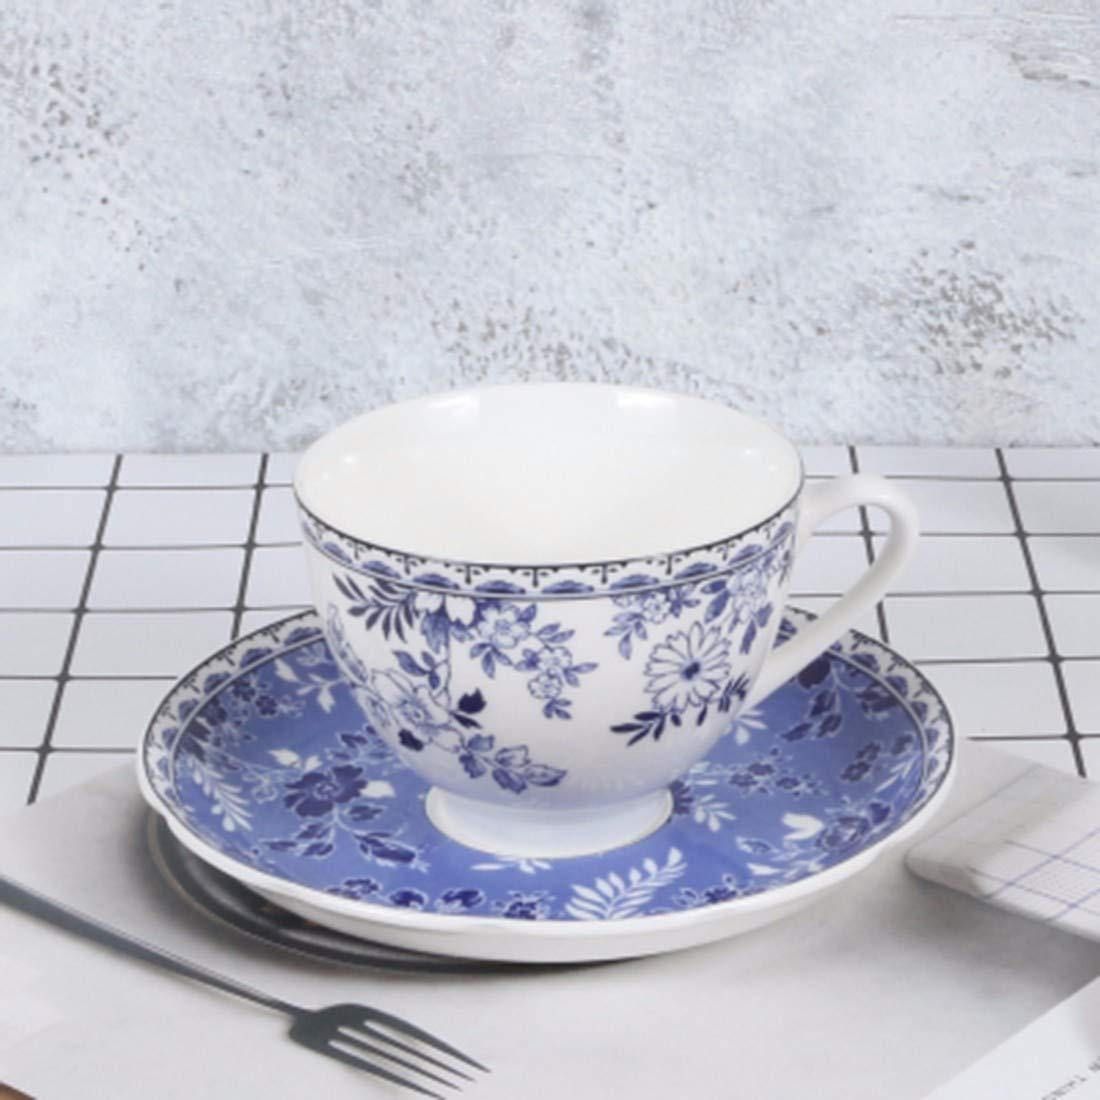 QPGGP-Teller British Household Platten, blau - weißem Porzellan, westliche Gerichte der europäischen küche,l